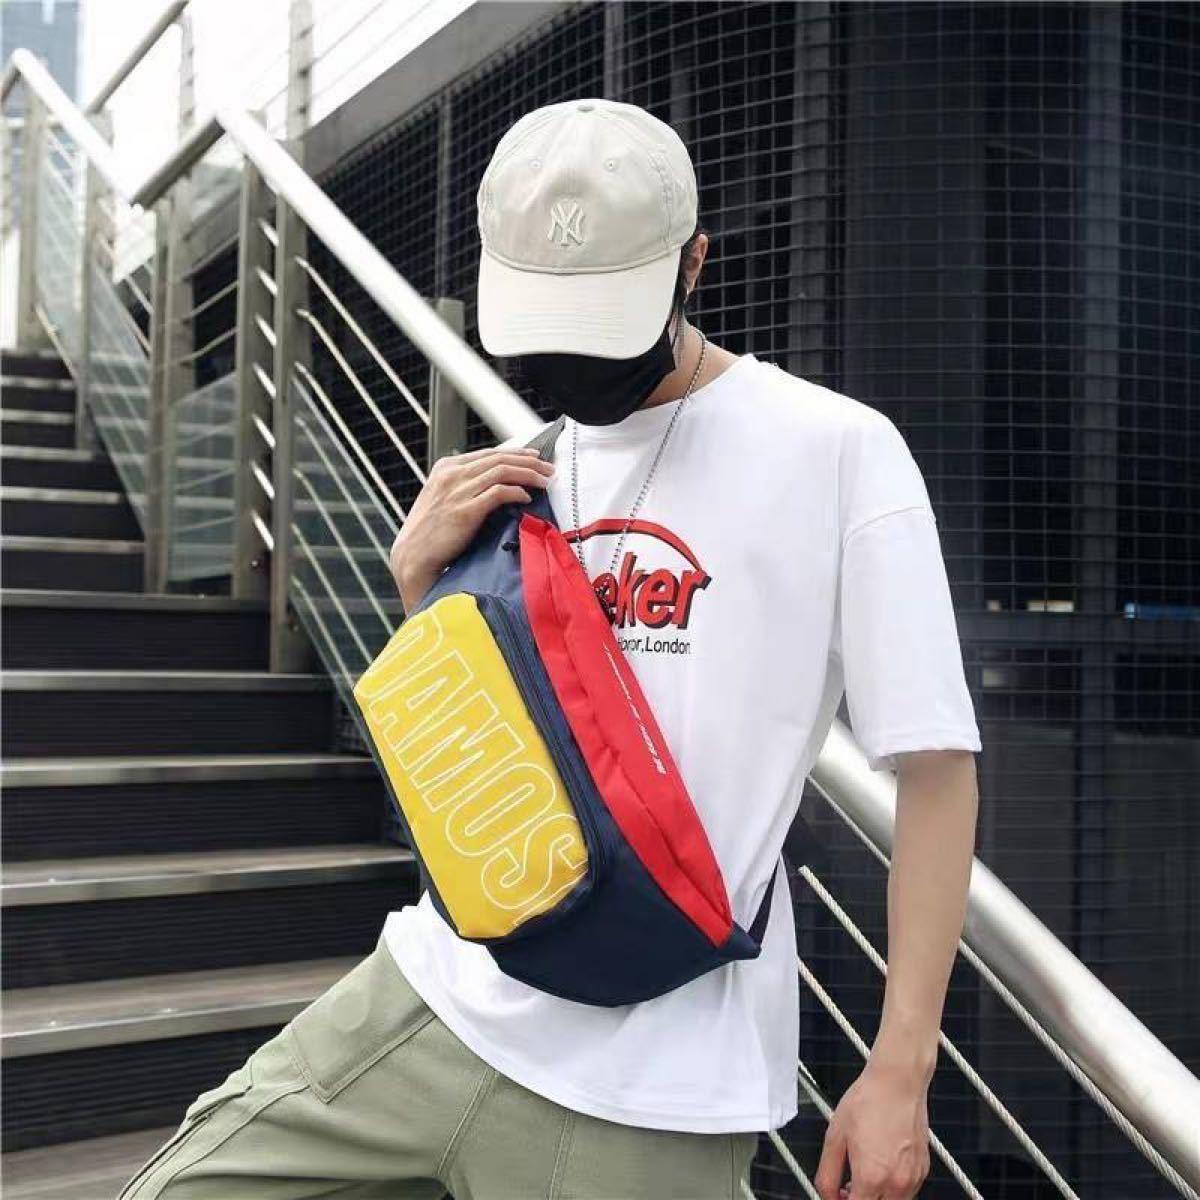 メンズ バッグ ボディーバッグ ショルダーバッグ メッセンジャーバッグ 肩掛け ボディバッグ 大容量 斜めがけ メッセンジャー